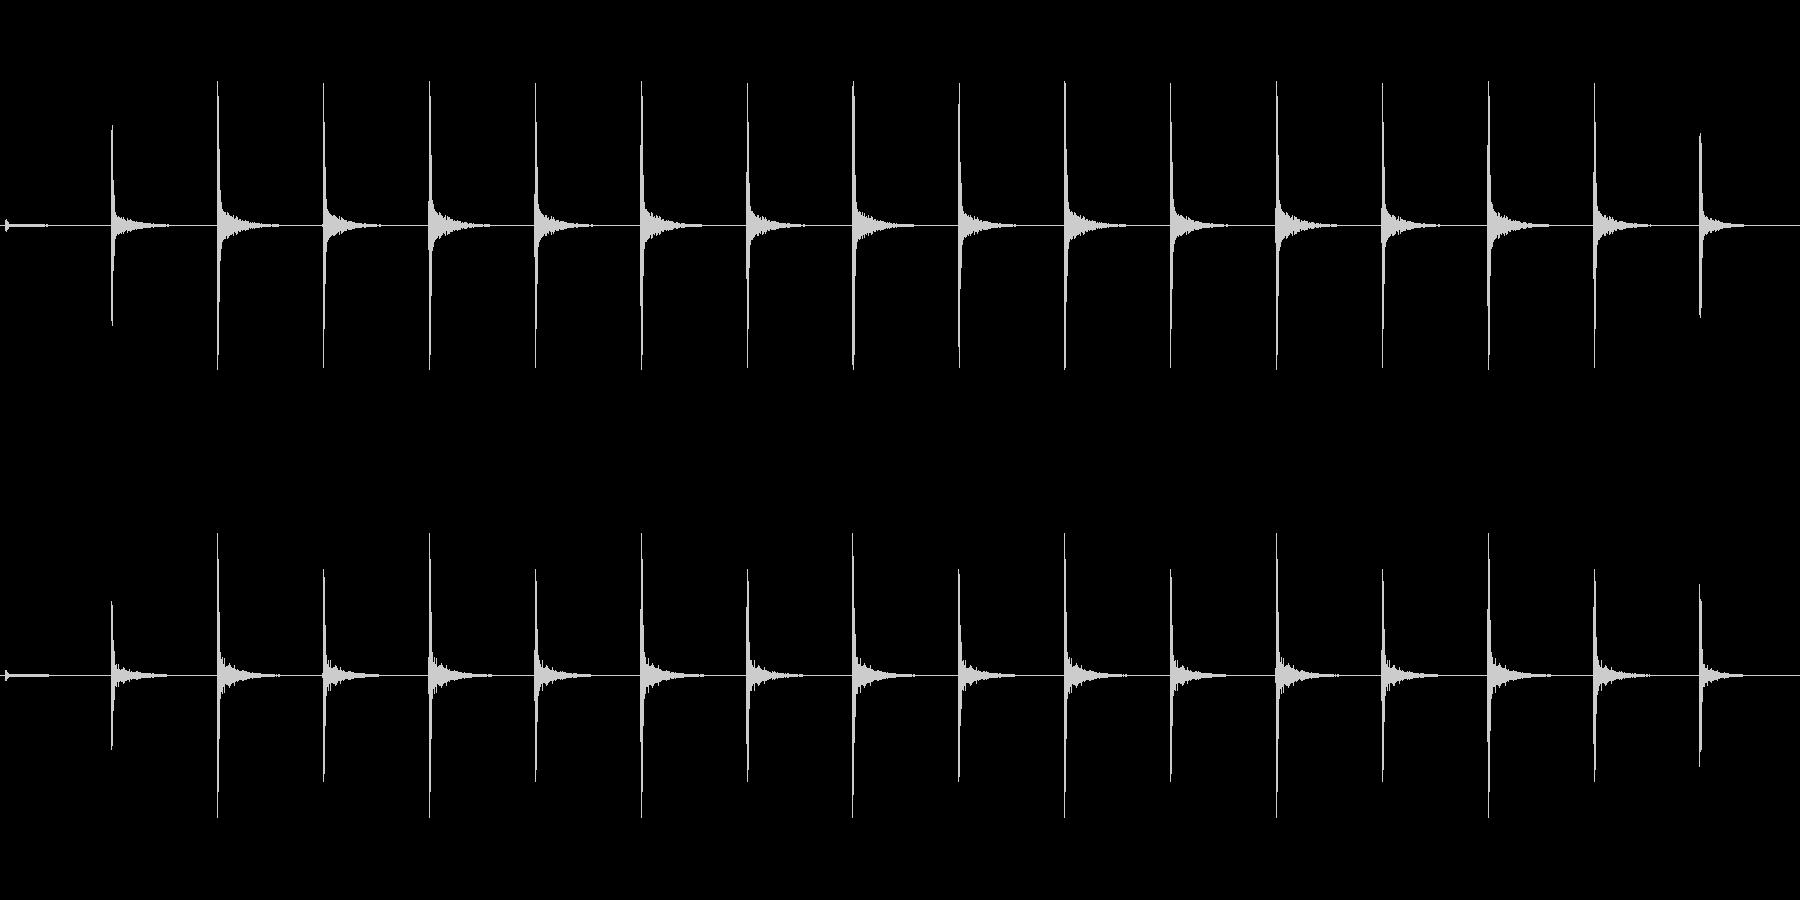 時計 ticktock_48-3_revの未再生の波形